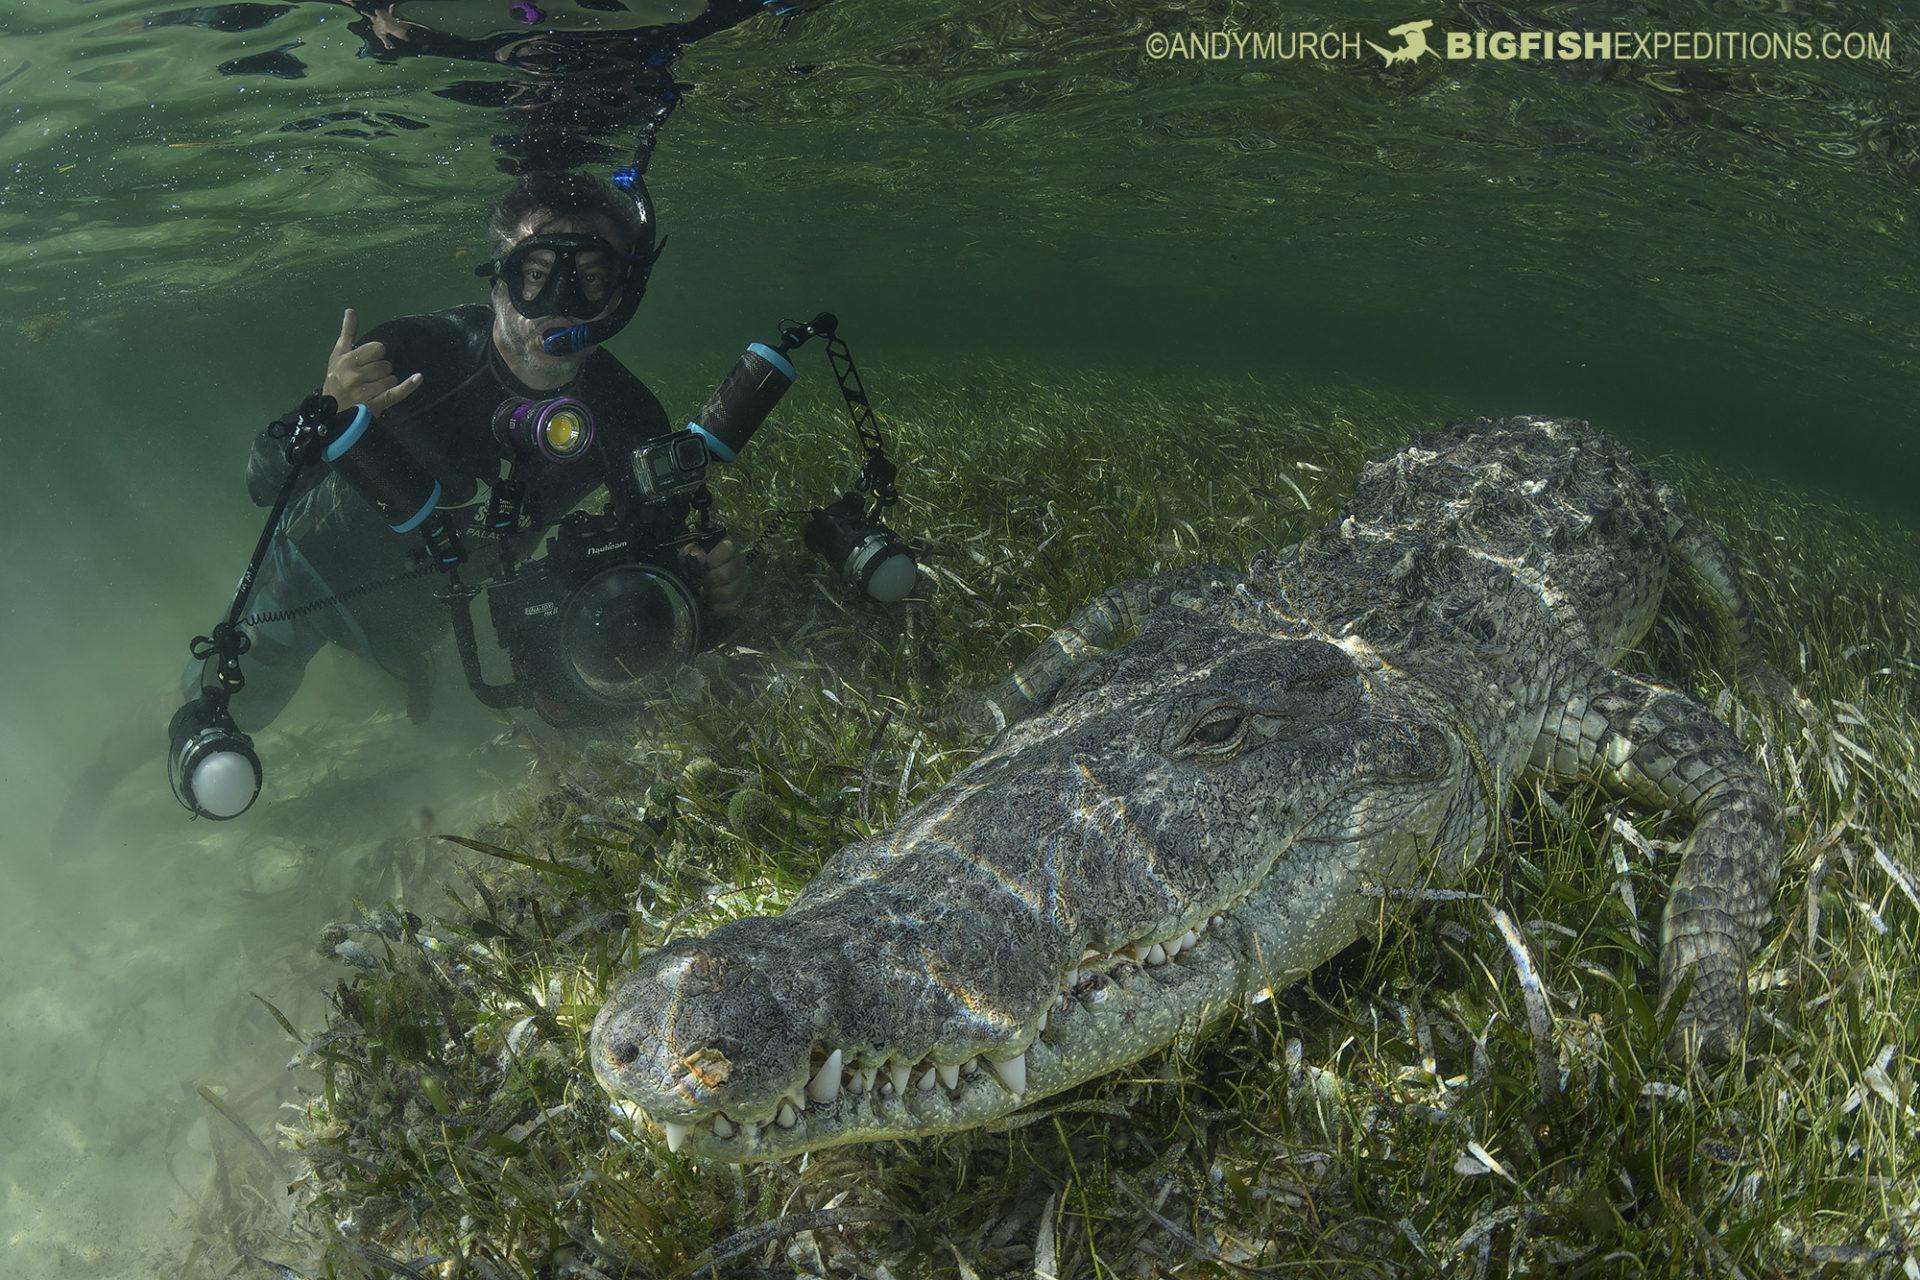 Crocodile and diver